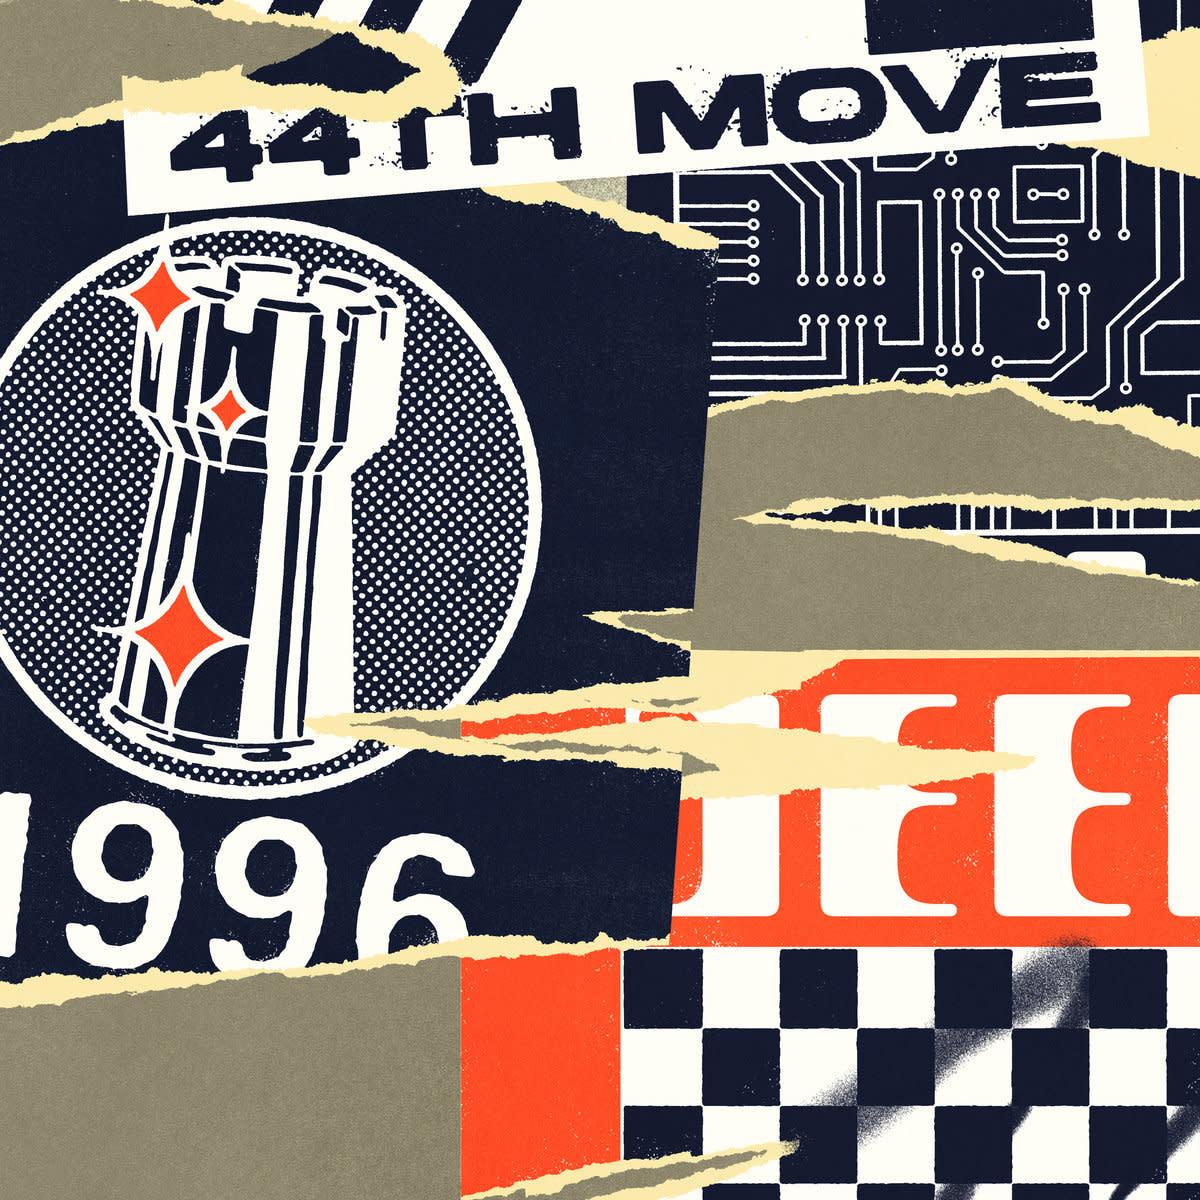 Black Acre 44th Move - 44th Move